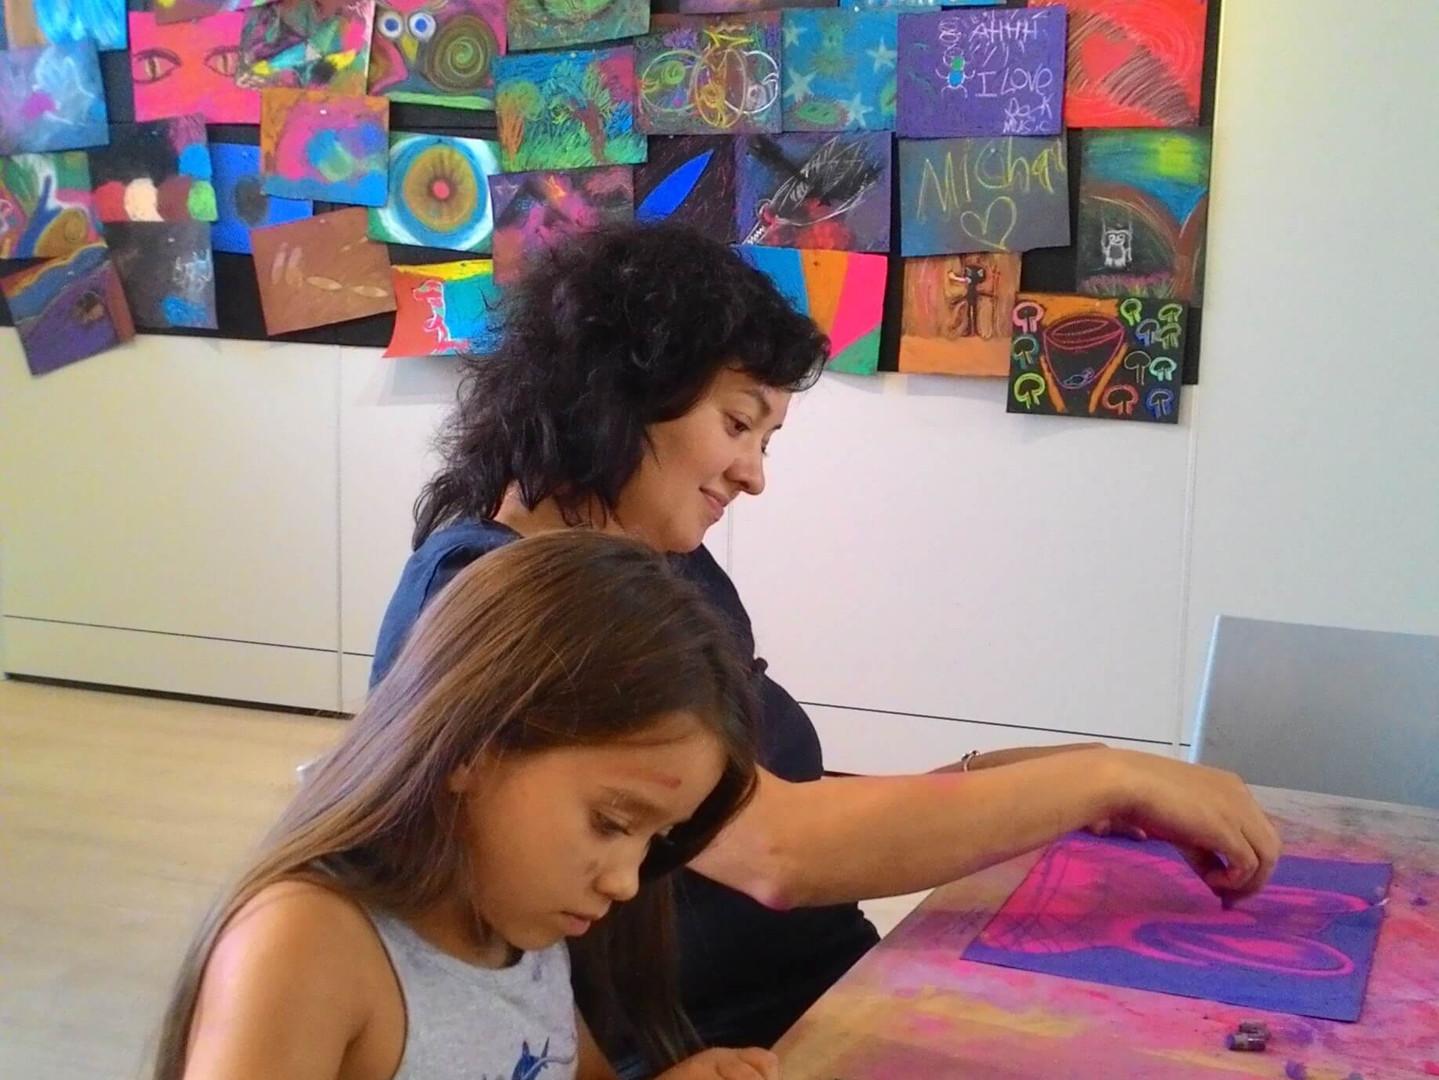 אמא וילדה מציירות זו לצד זו